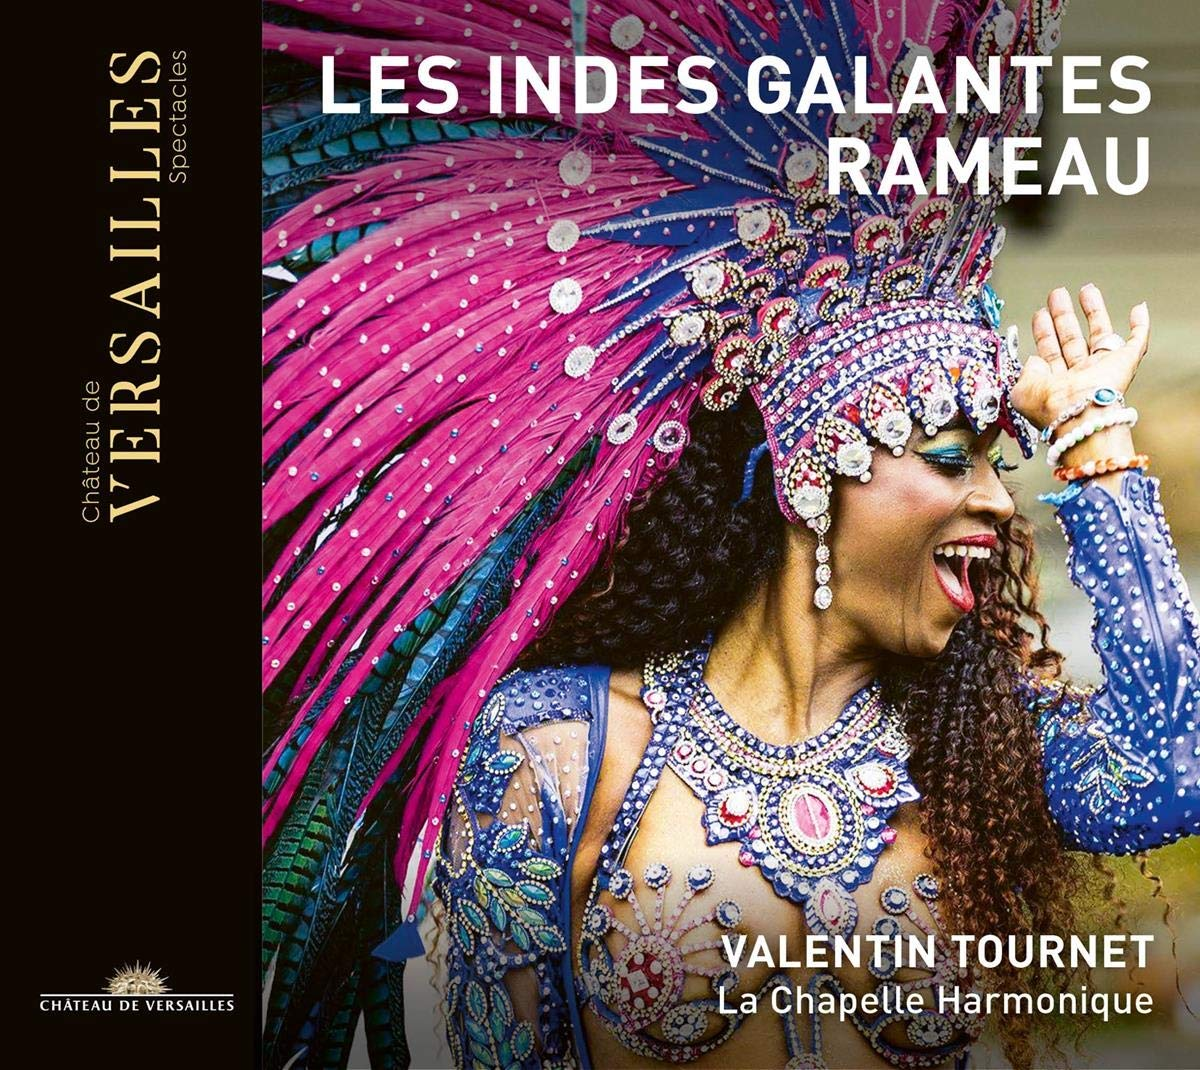 Les Indes galantes de Valentin Tournet et la Chapelle Harmonique en CD